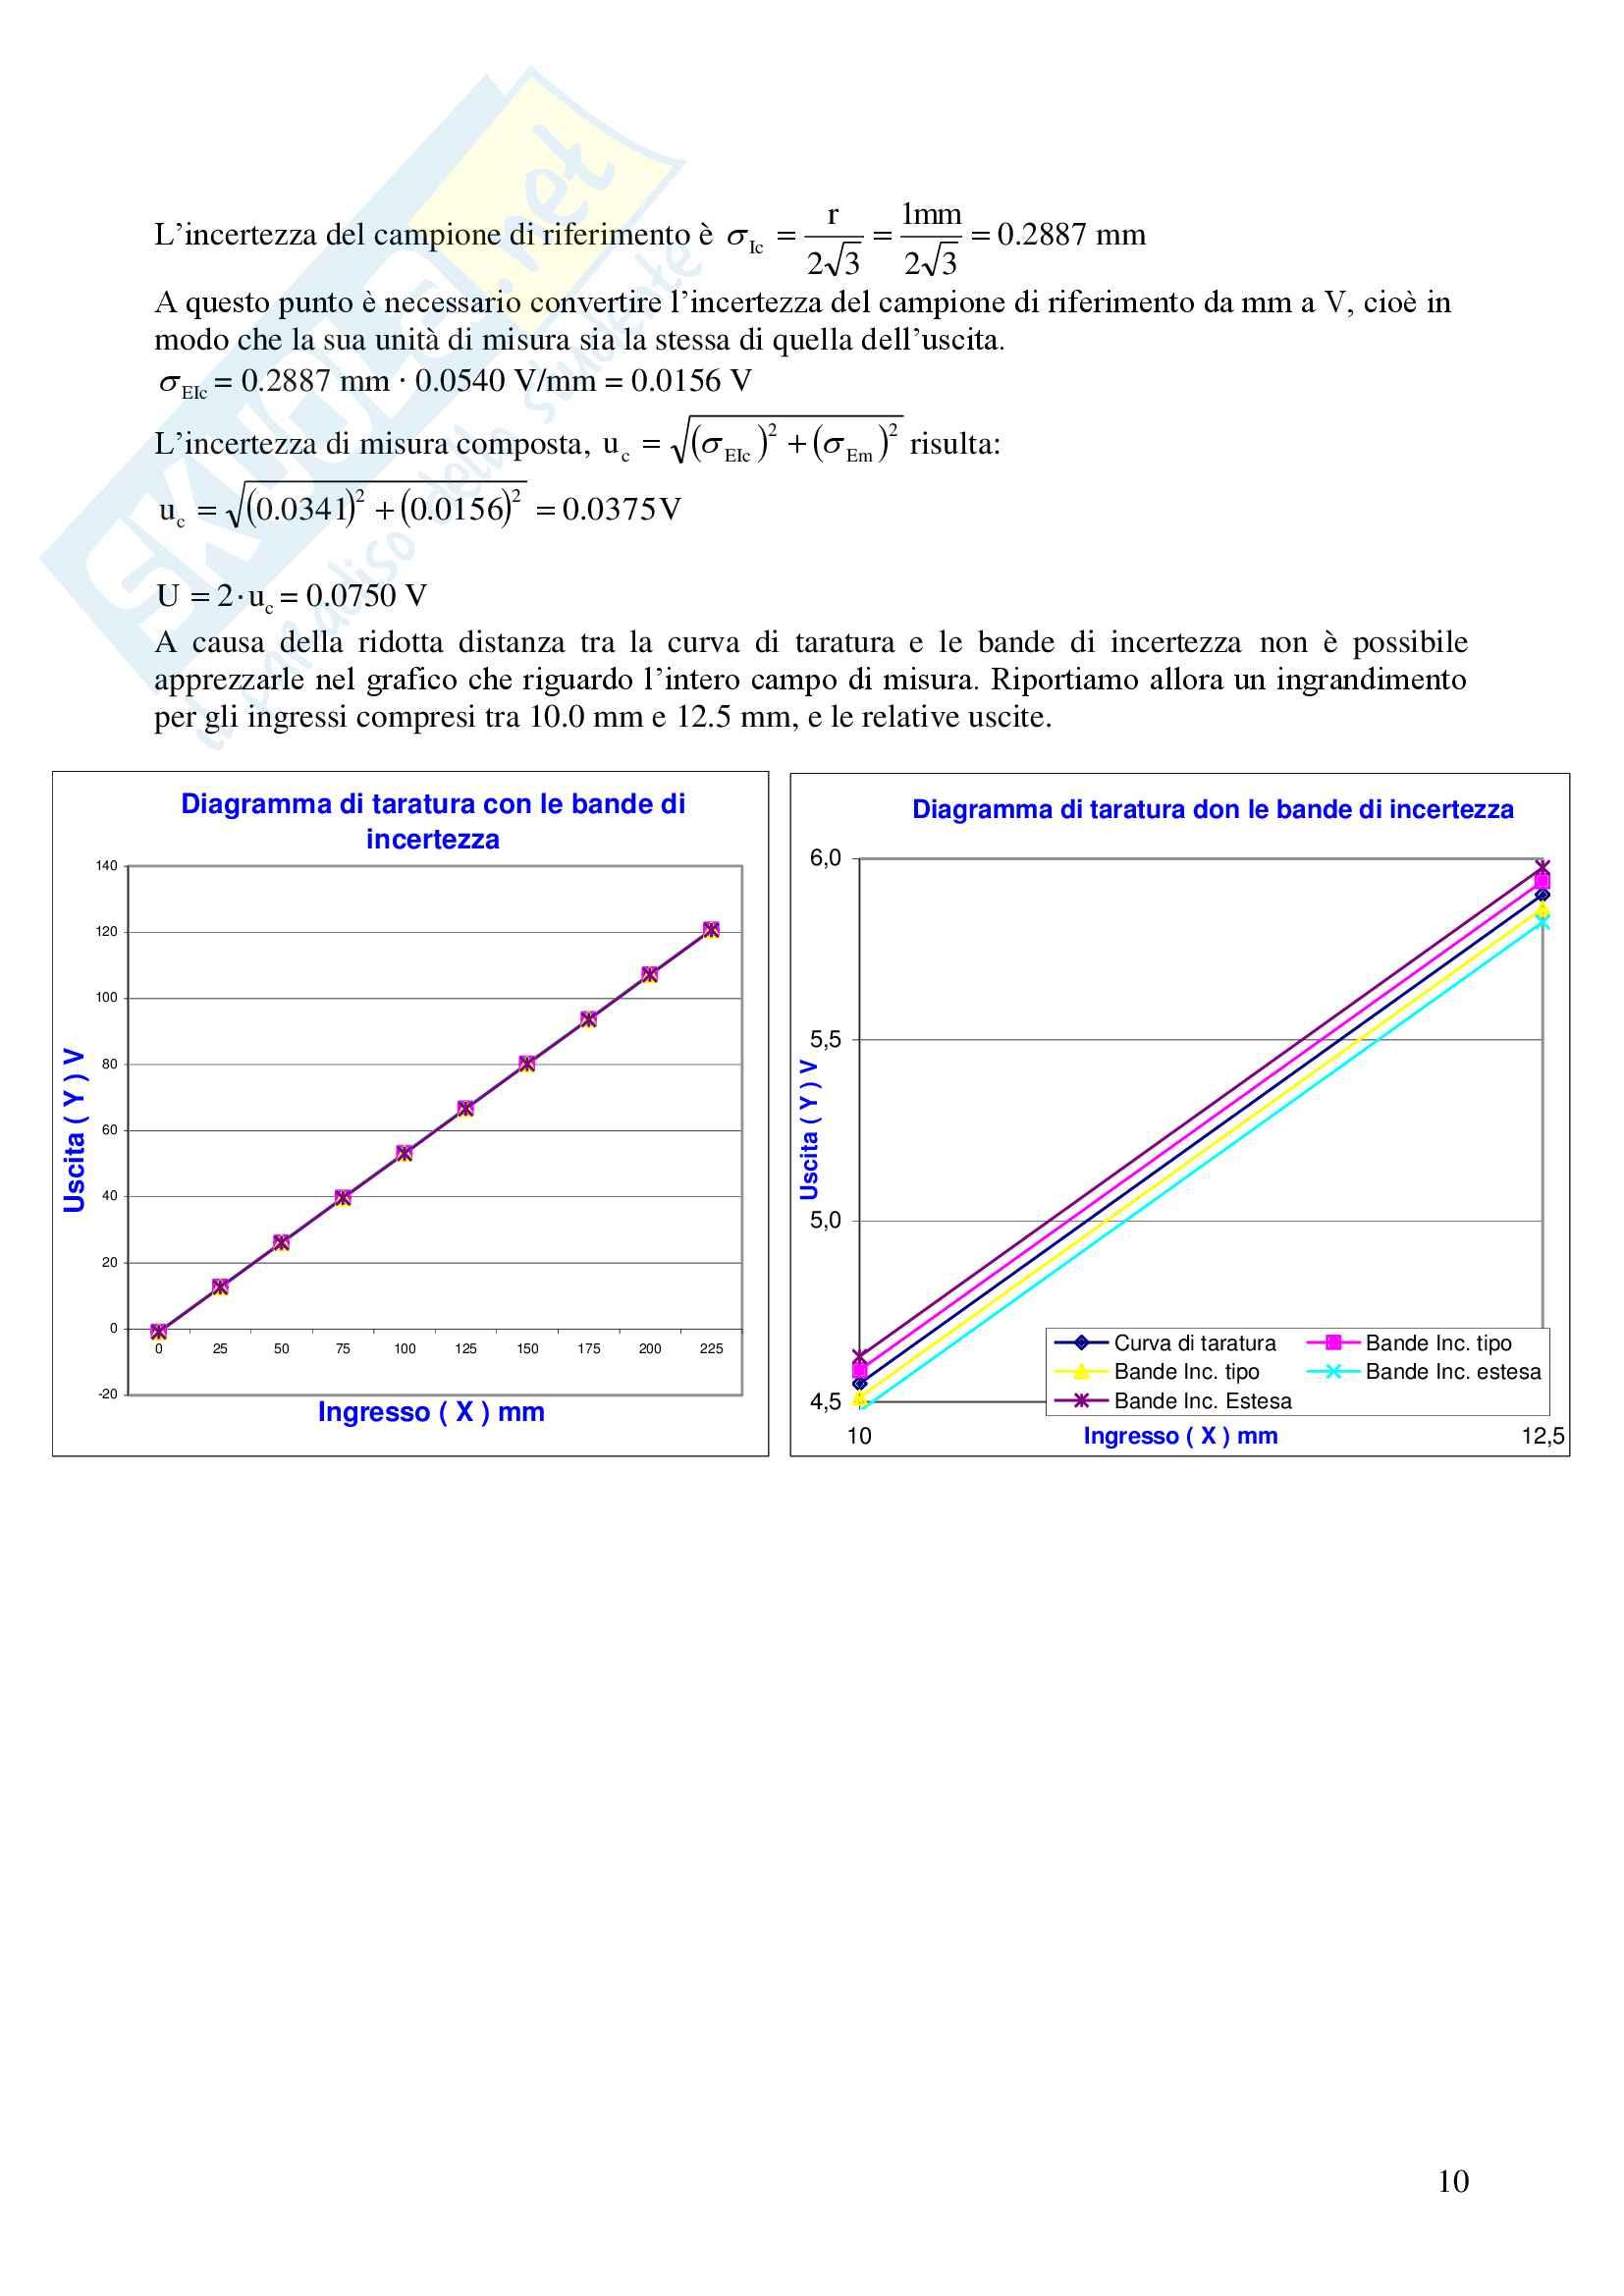 Taratura Statica: determinazione della curva di taratura dello strumento (potenziometro) Pag. 11